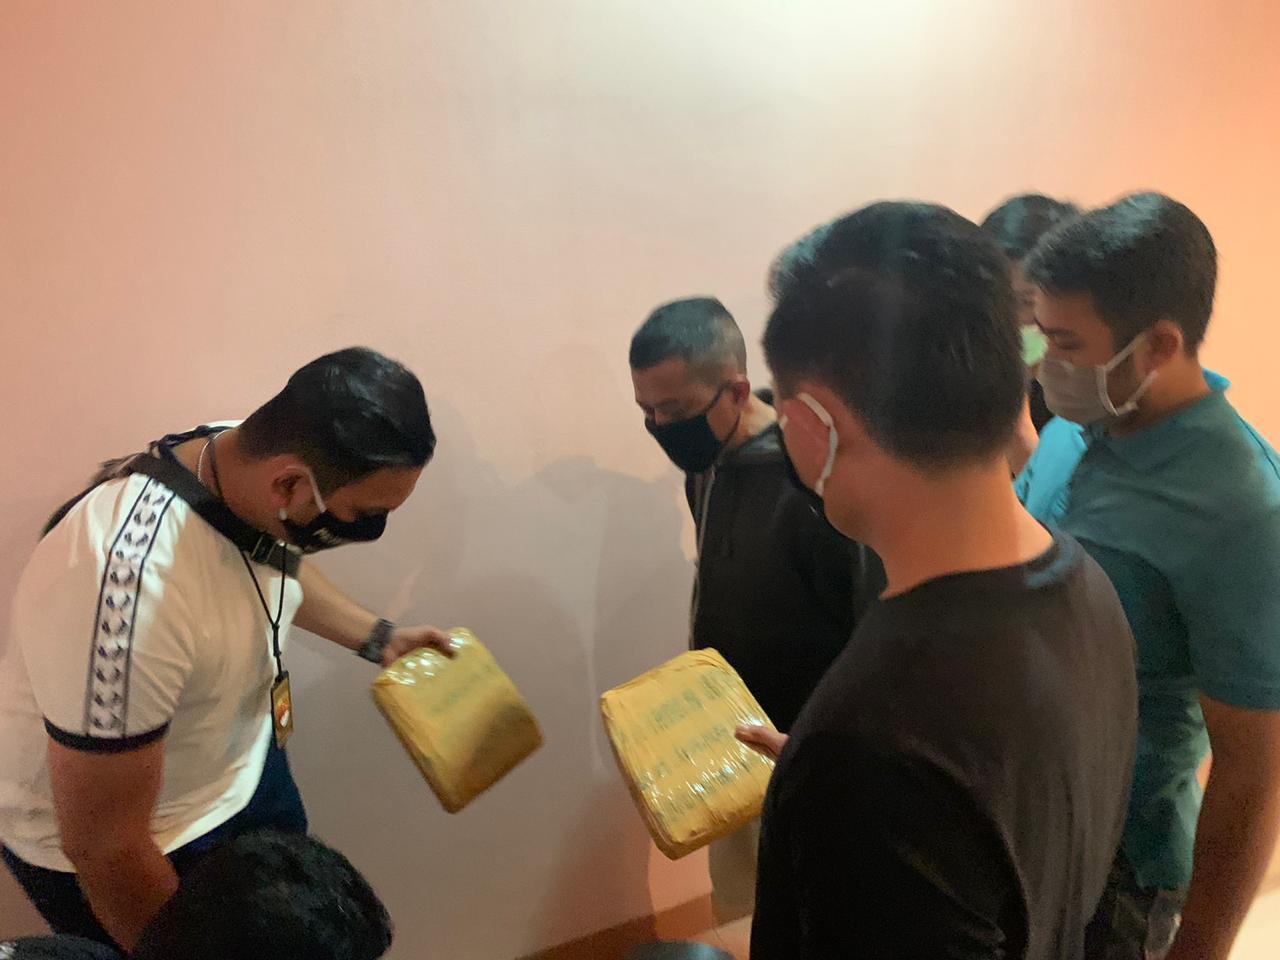 7 Pengedar Narkoba Spesialis Ganja Jaringan Lintas Sumatera Diungkap Satnarkoba Polres Metro Jakarta Barat